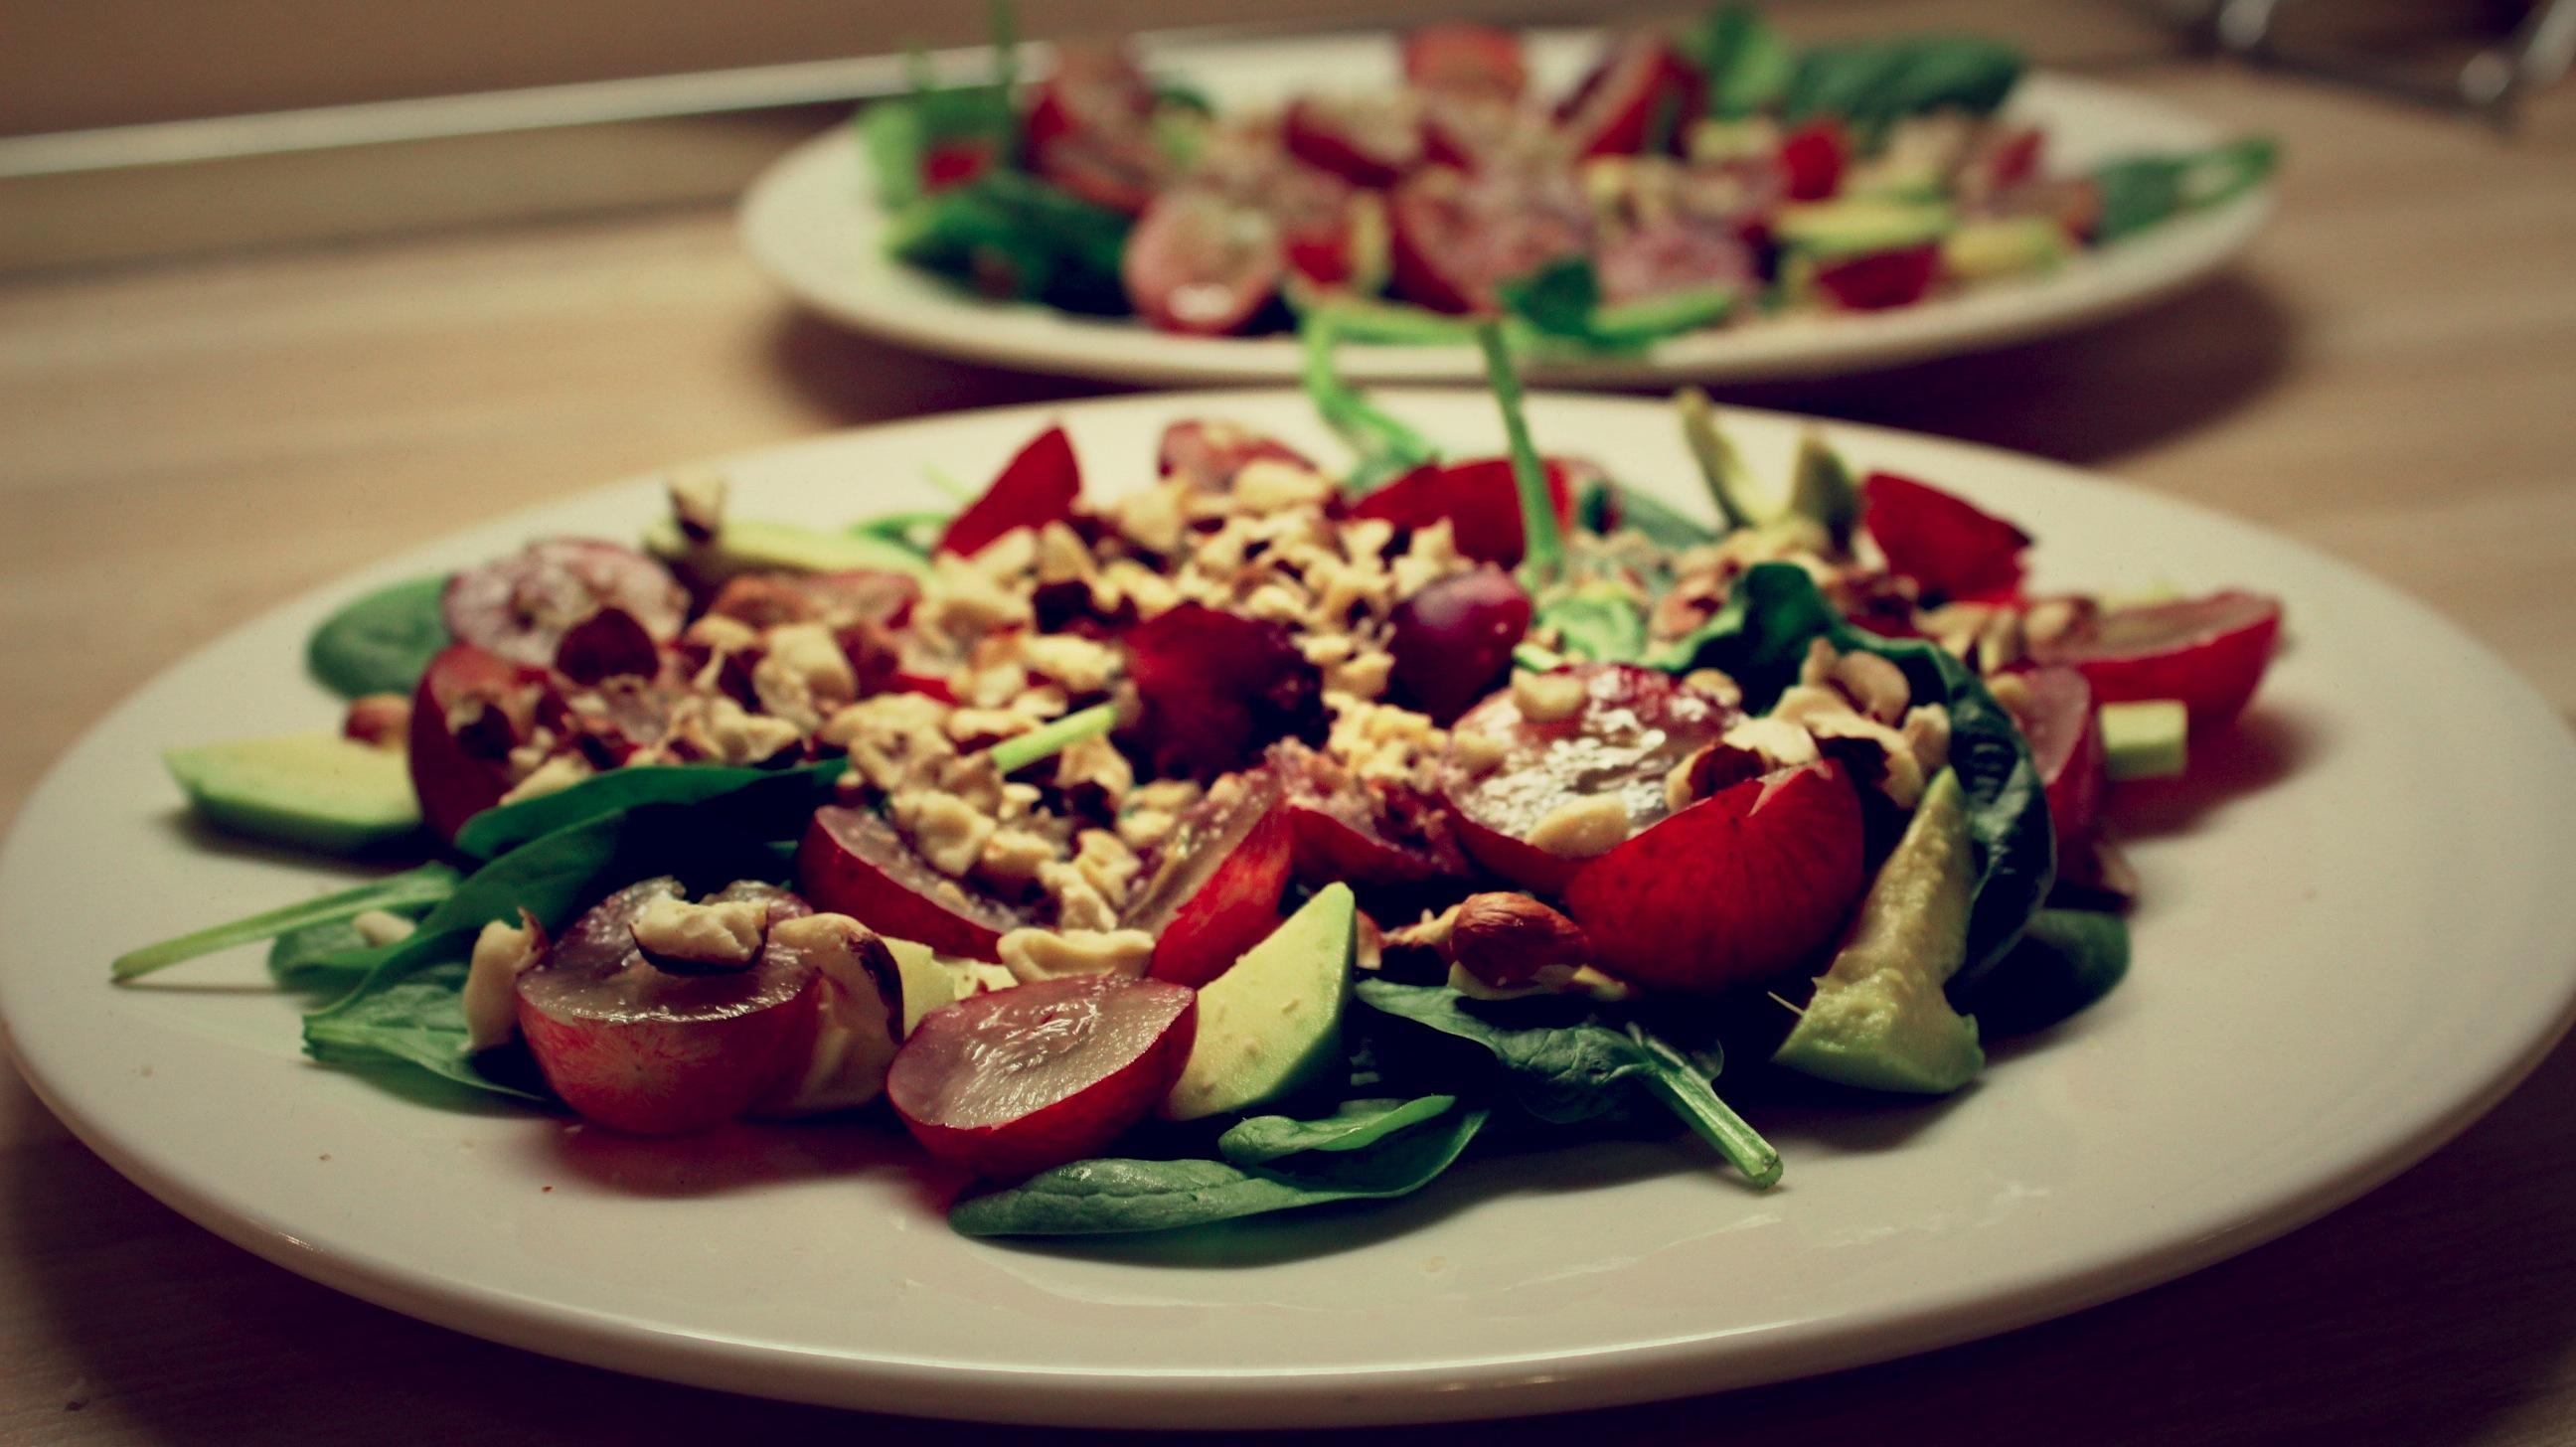 Vistas salāti ar vīnogām